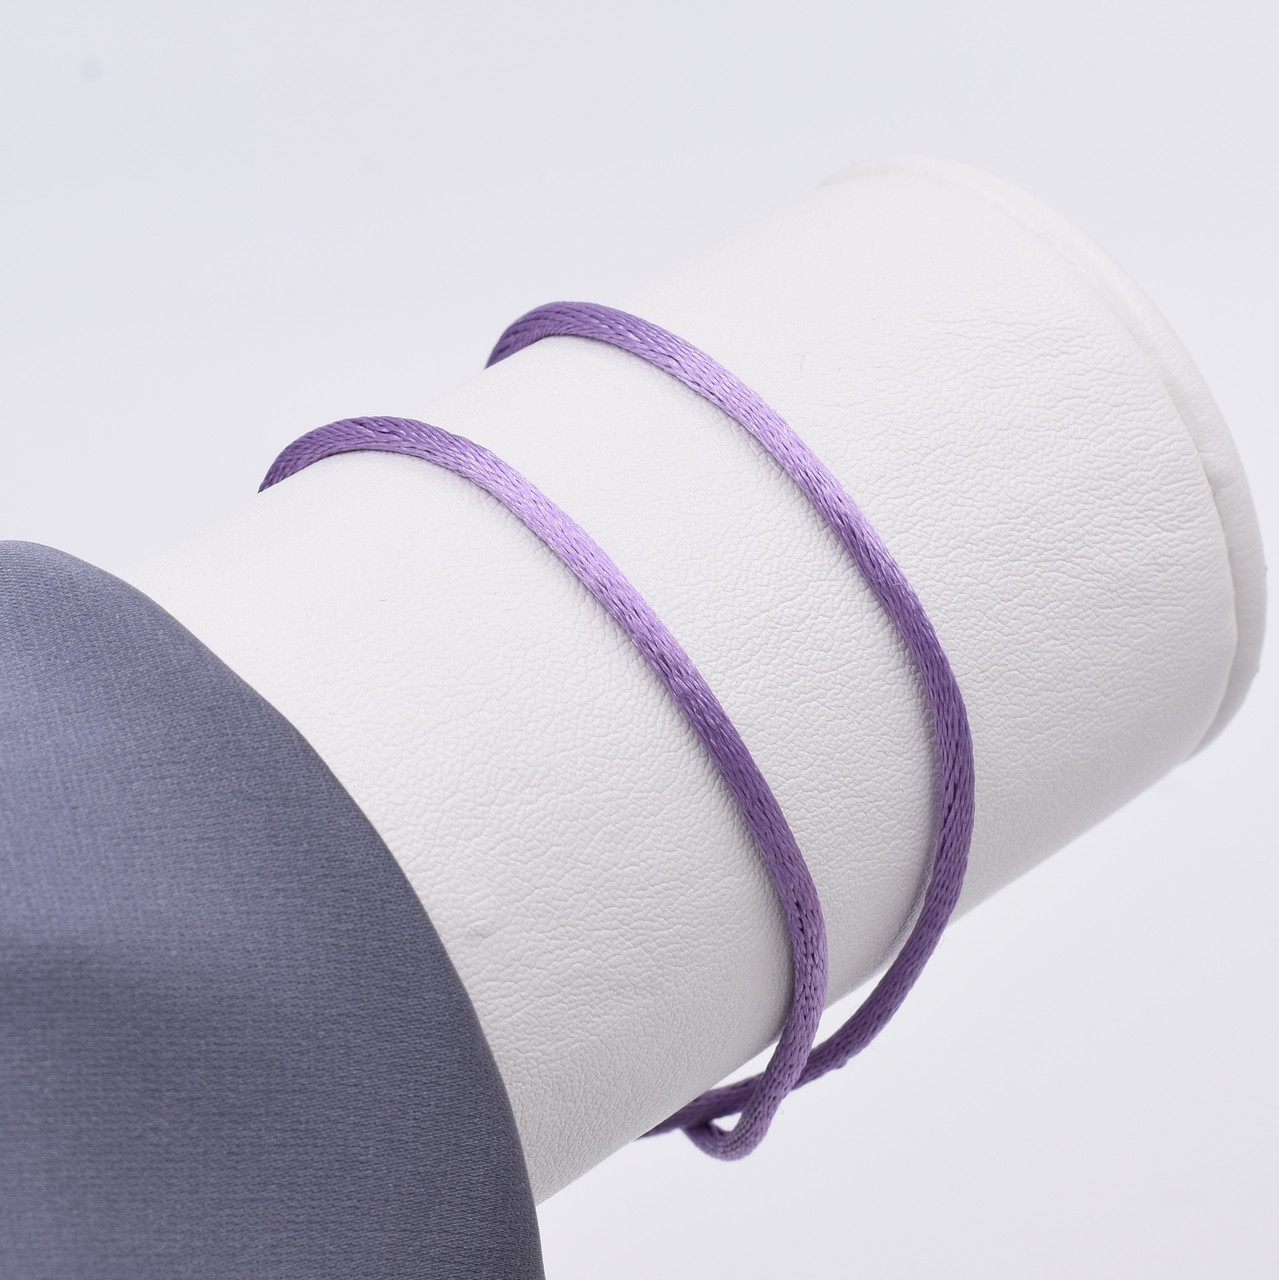 Шнурок шелковый цвет лавандовый длина 30 см ширина 2 мм вес серебра 0.7 г